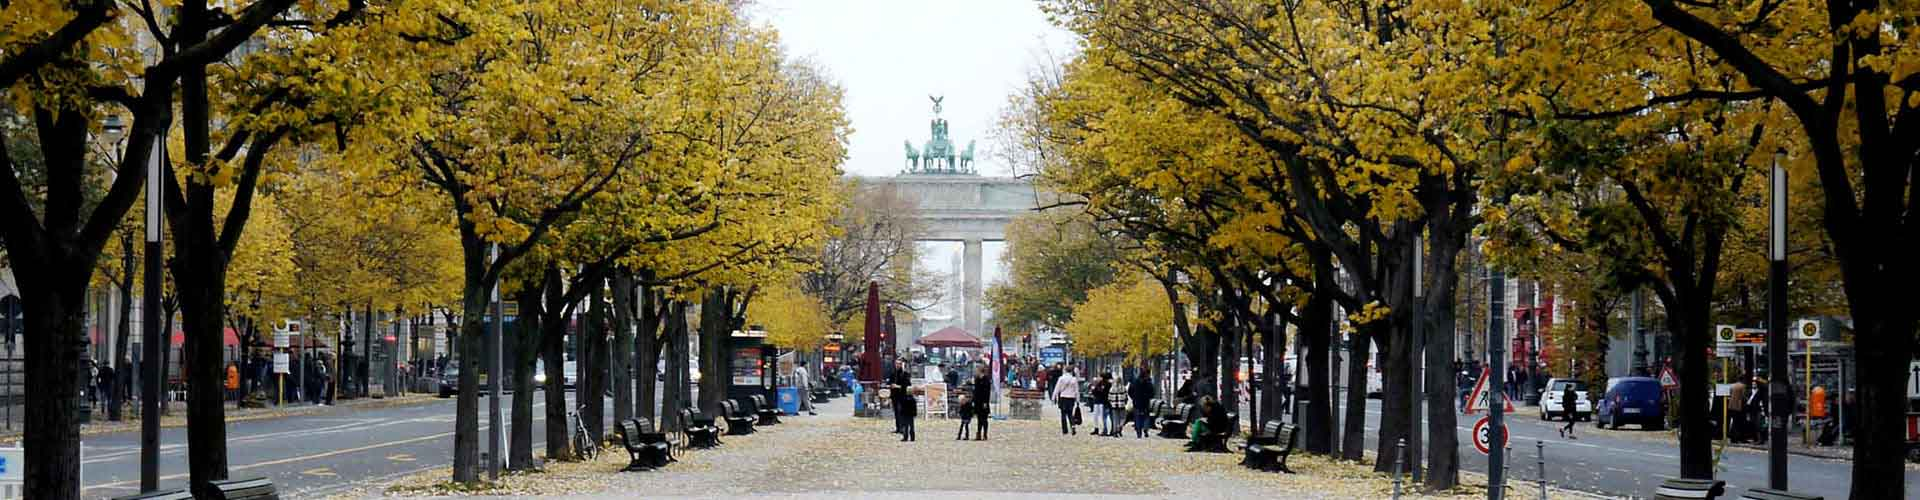 베를린 - 운터 덴 린덴에 가까운 호텔. 베를린의 지도, 베를린에 위치한 호텔에 대한 사진 및 리뷰.